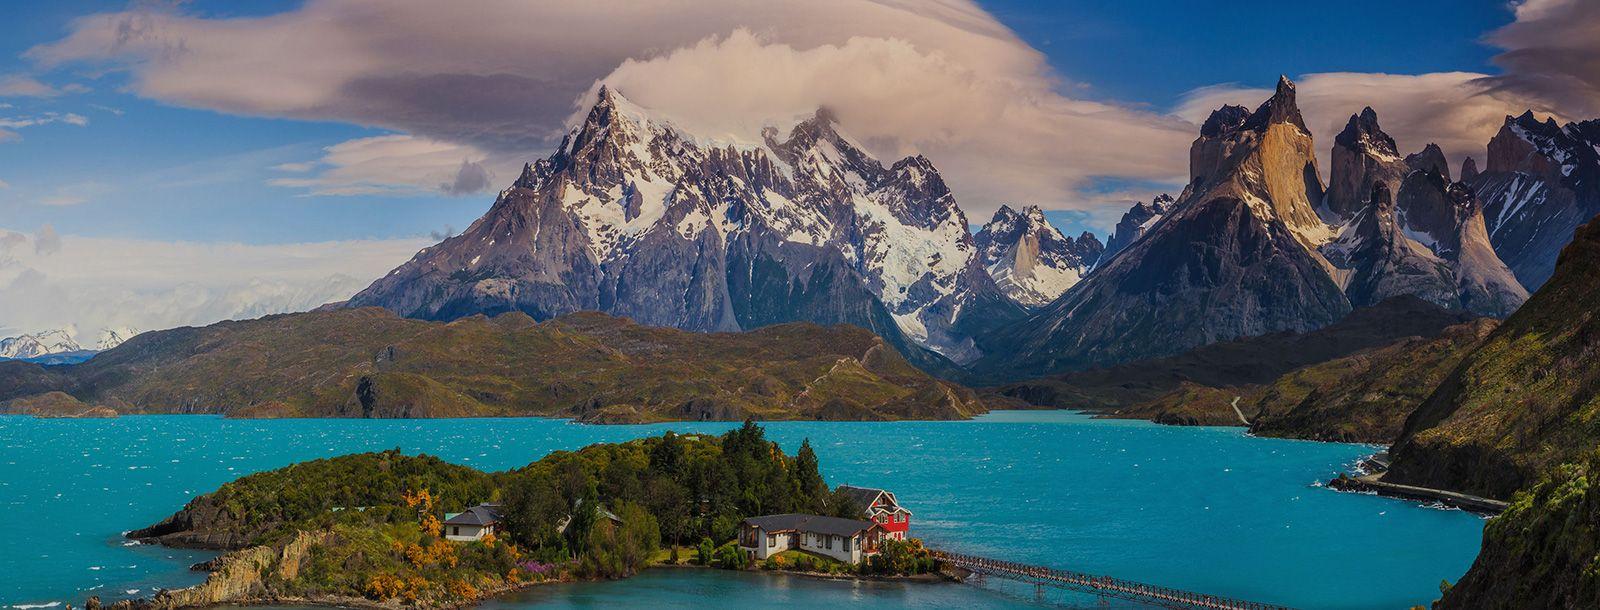 プンタ・アレナス(チリ)寄港地ガイド|セレブリティ・クルーズ日本語公式サイト